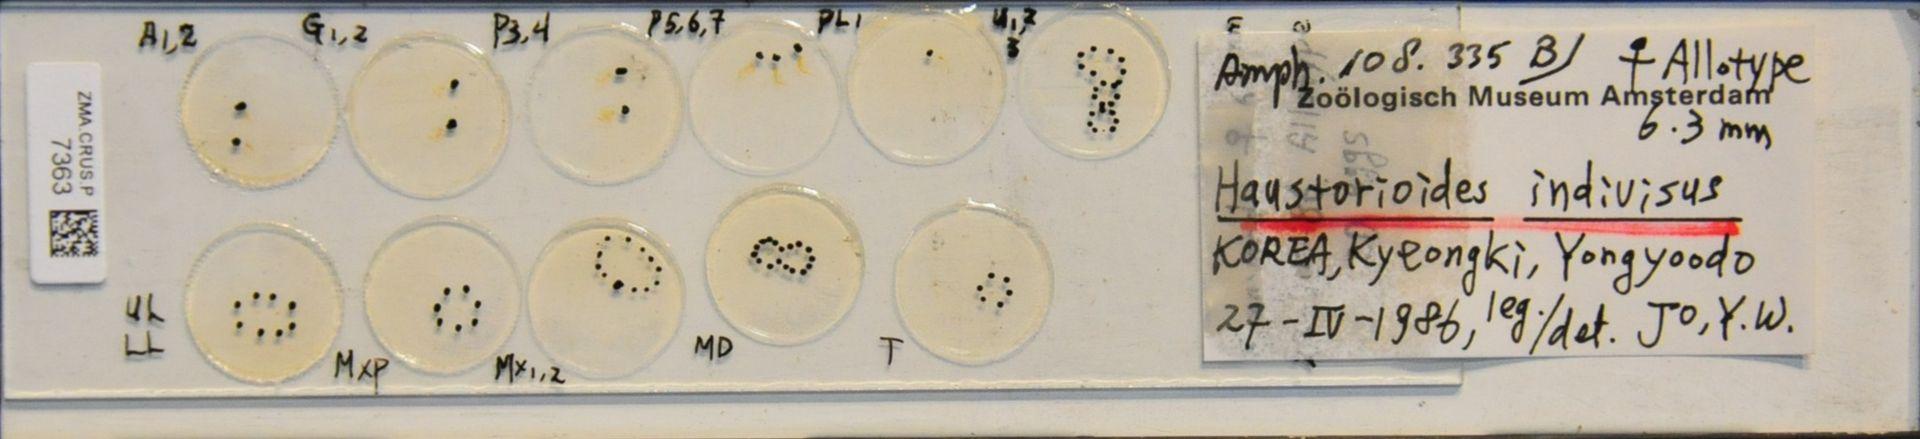 ZMA.CRUS.P.7363 | Haustorioides indivisus